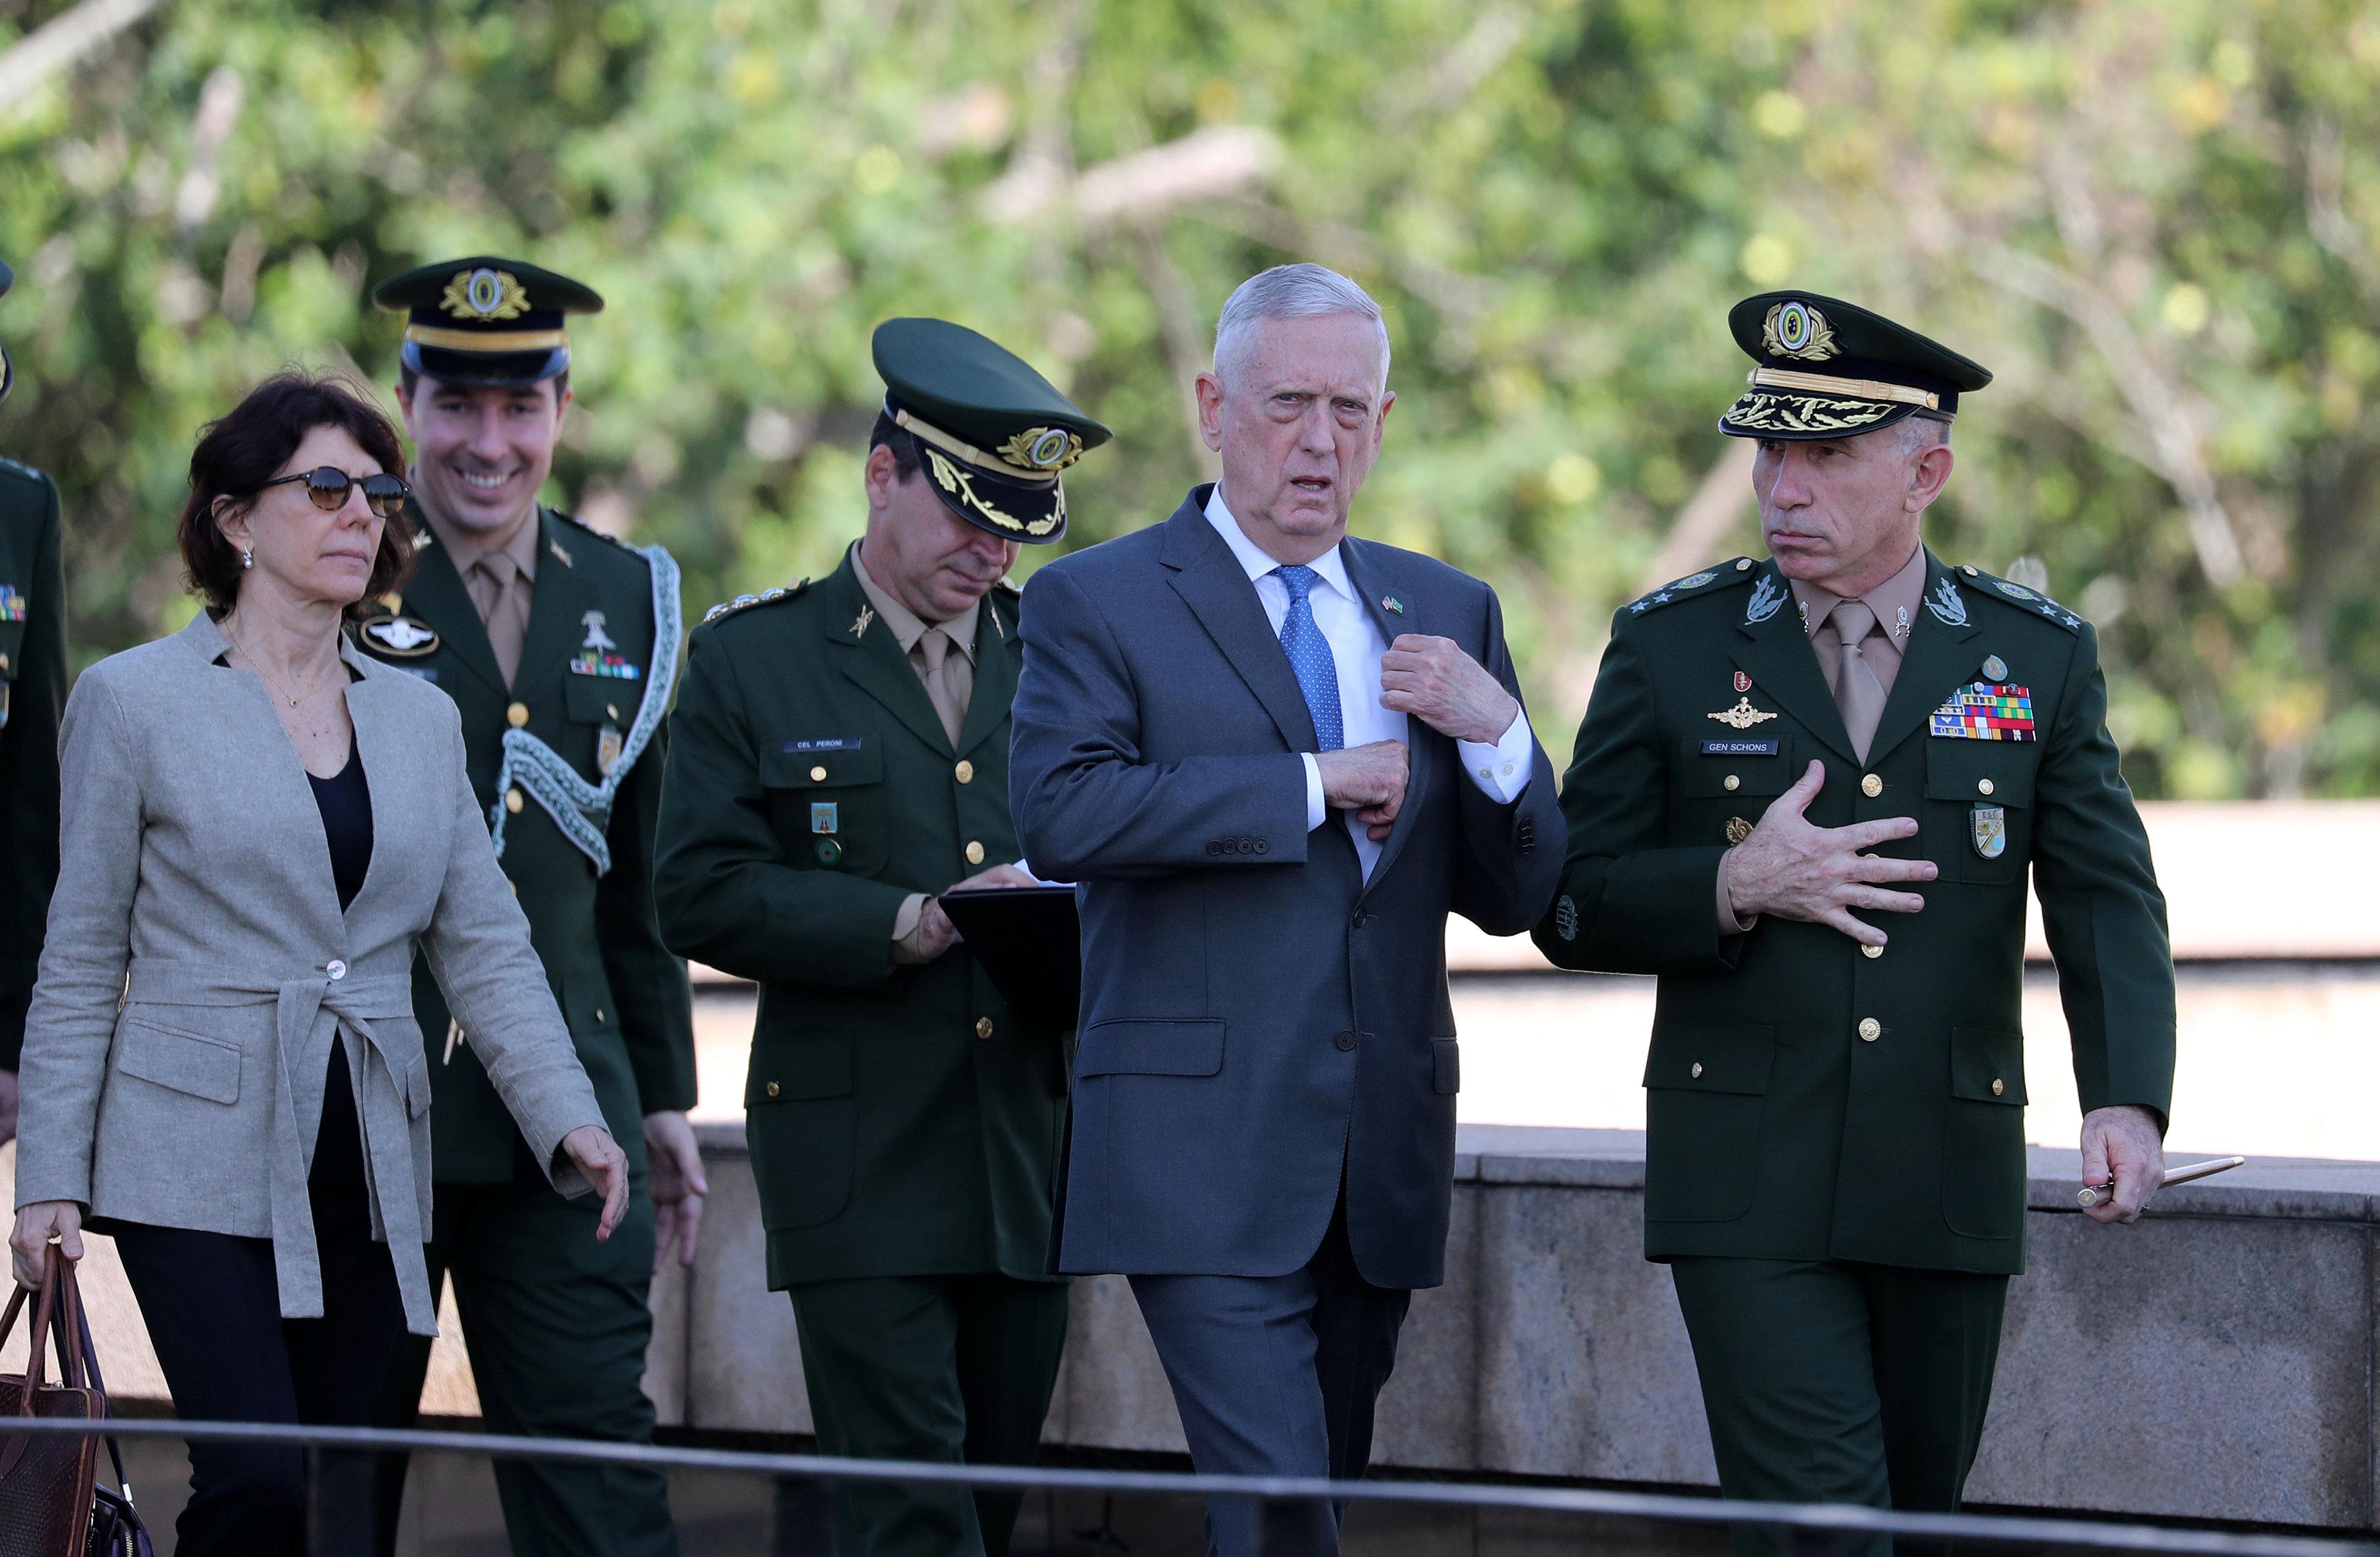 وزير الدفاع الأمريكي يحضر زيارة النصب التذكاري لقتلى الحرب العالمية الثانية